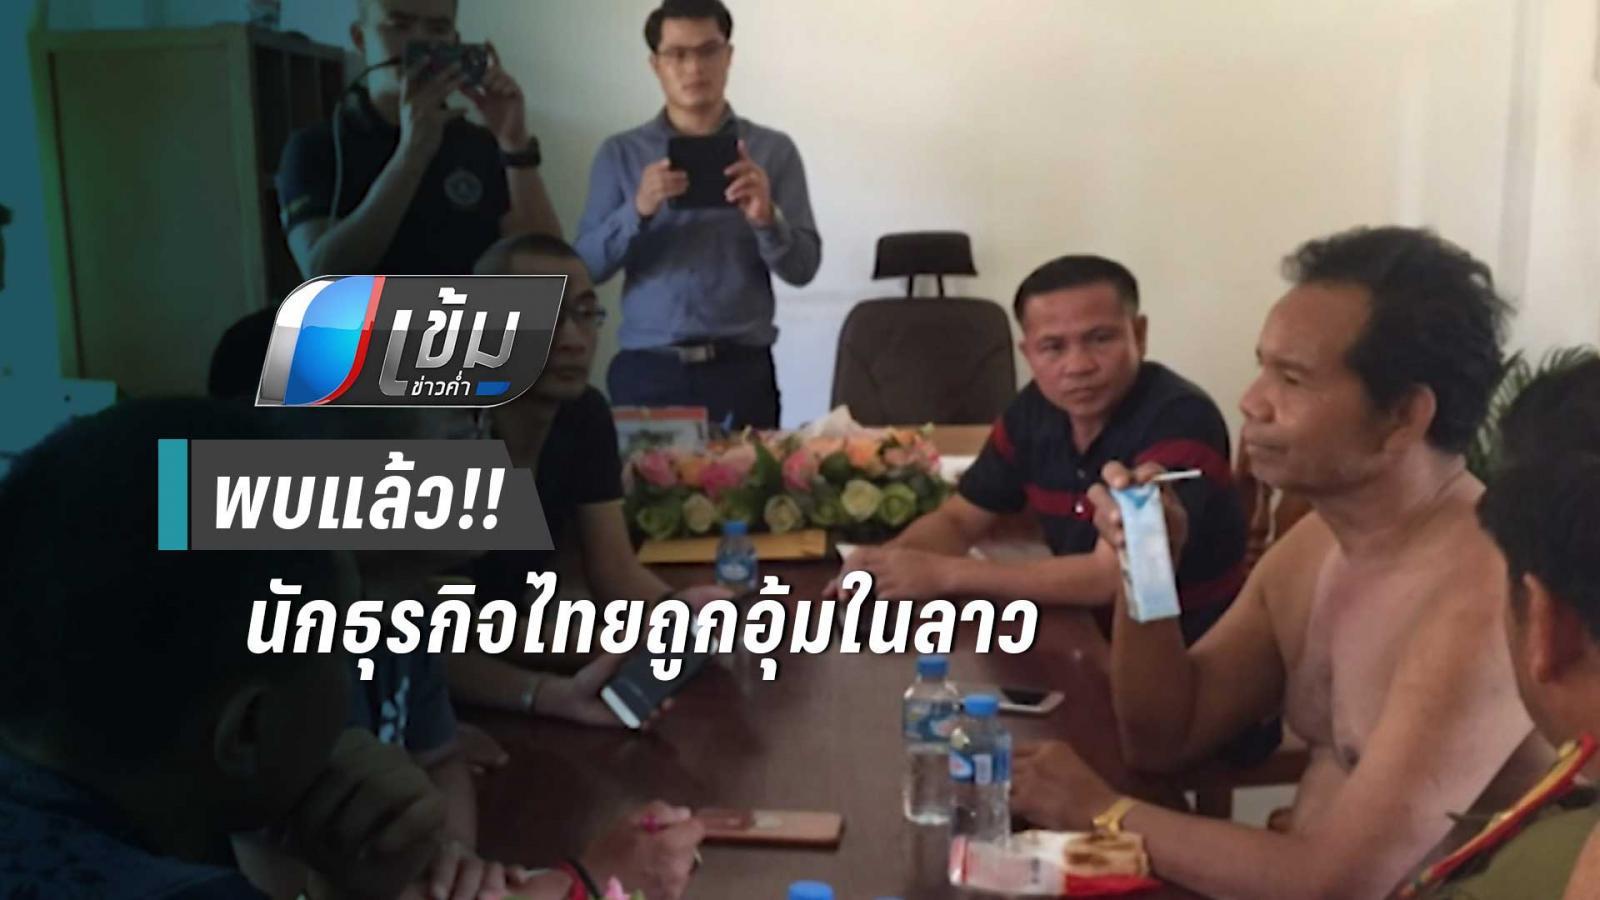 พบแล้ว! นักธุรกิจไทย ถูกอุ้มใน สปป.ลาว ตร.รอประสานส่งตัวกลับ